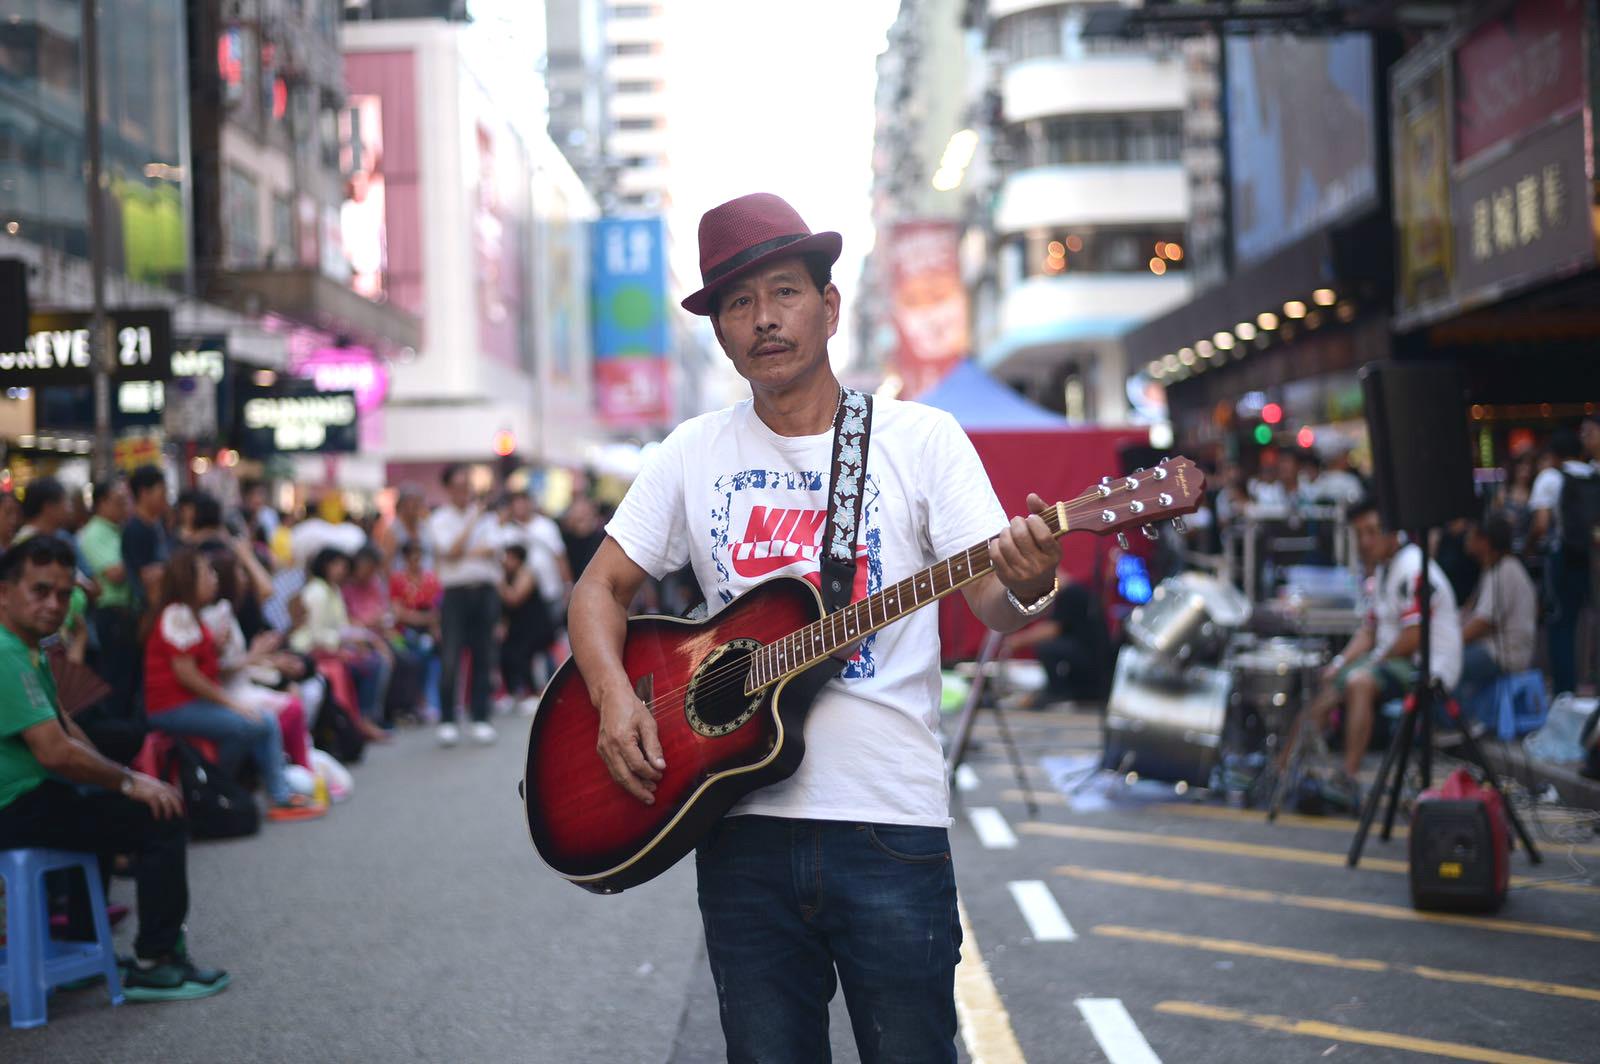 63歲業餘歌手林發(阿Lam)會在尖沙嘴繼續演唱